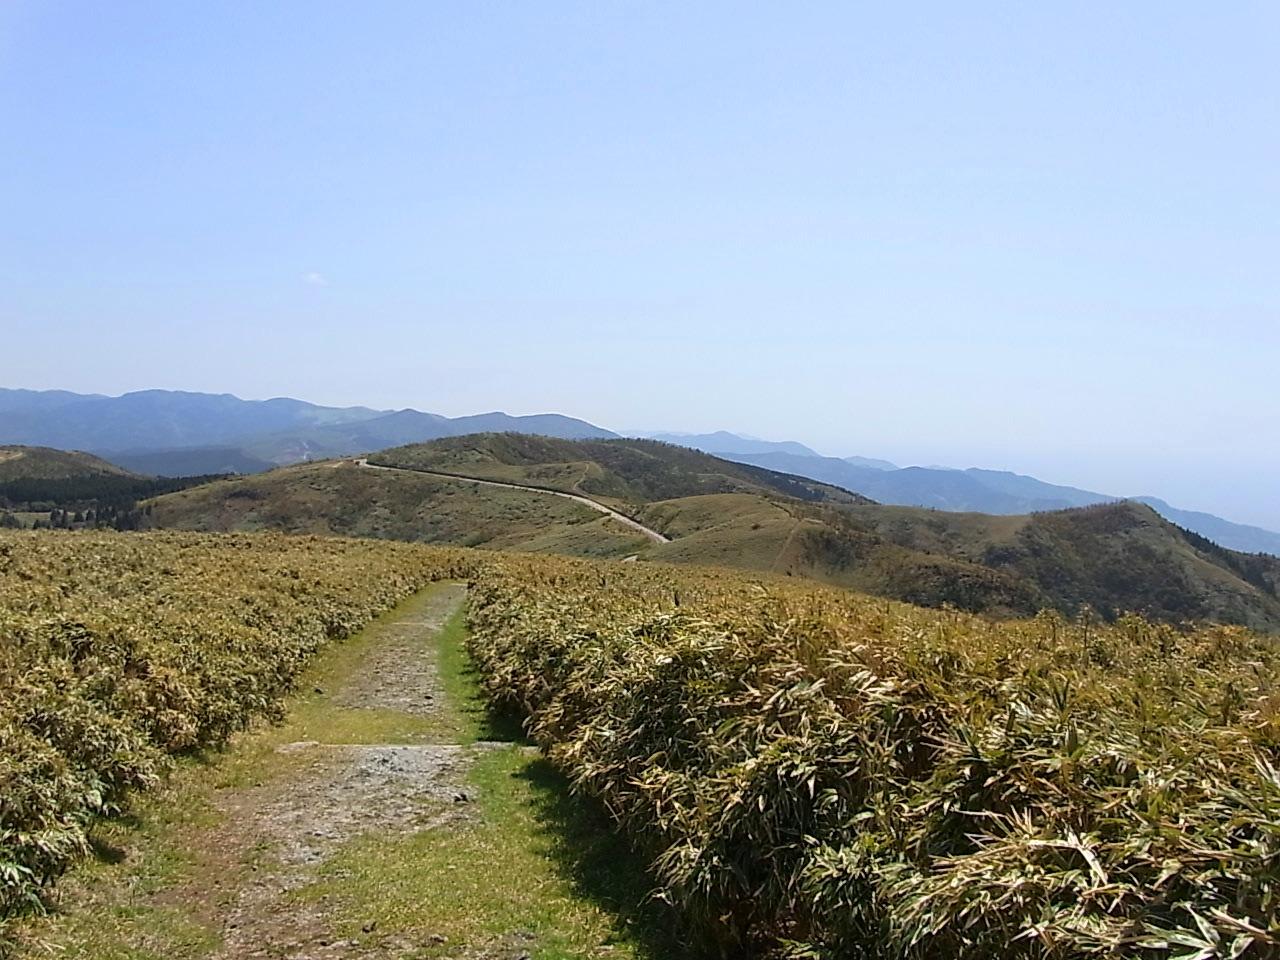 2013.4.27-28 伊豆ファストパッキング day1 (戸田峠-三蓋山)_b0219778_2041345.jpg